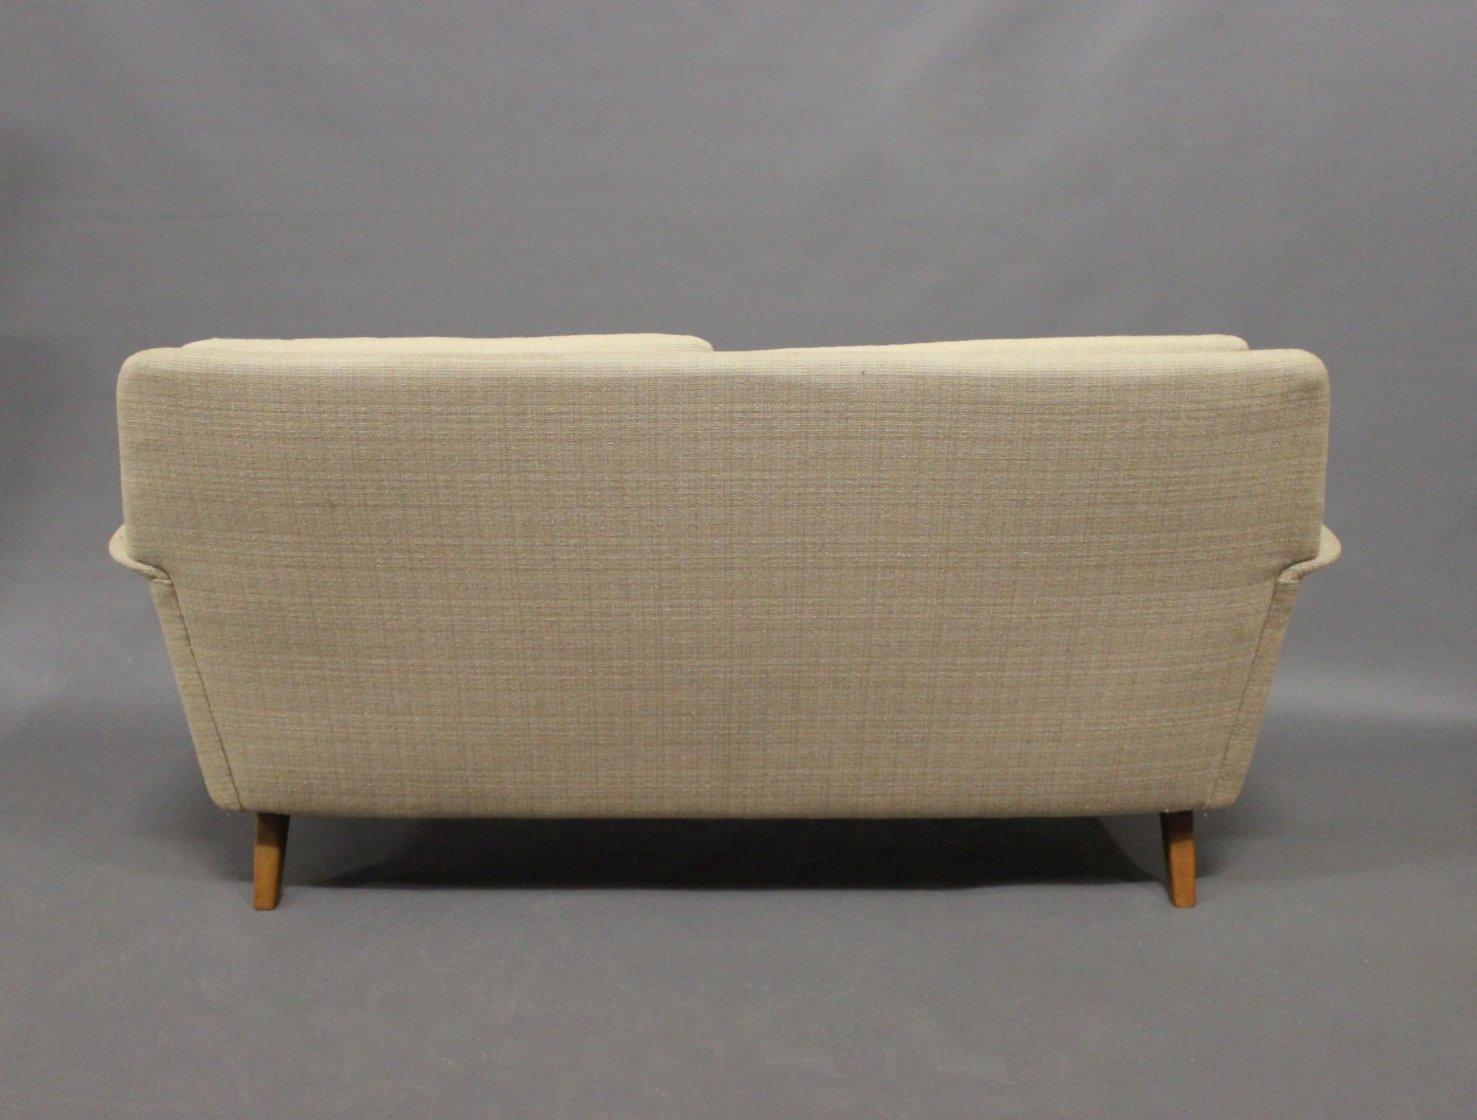 dux sofa uk environmentally friendly sofas 2 seater by folke ohlsson for fritz hansen 1960s